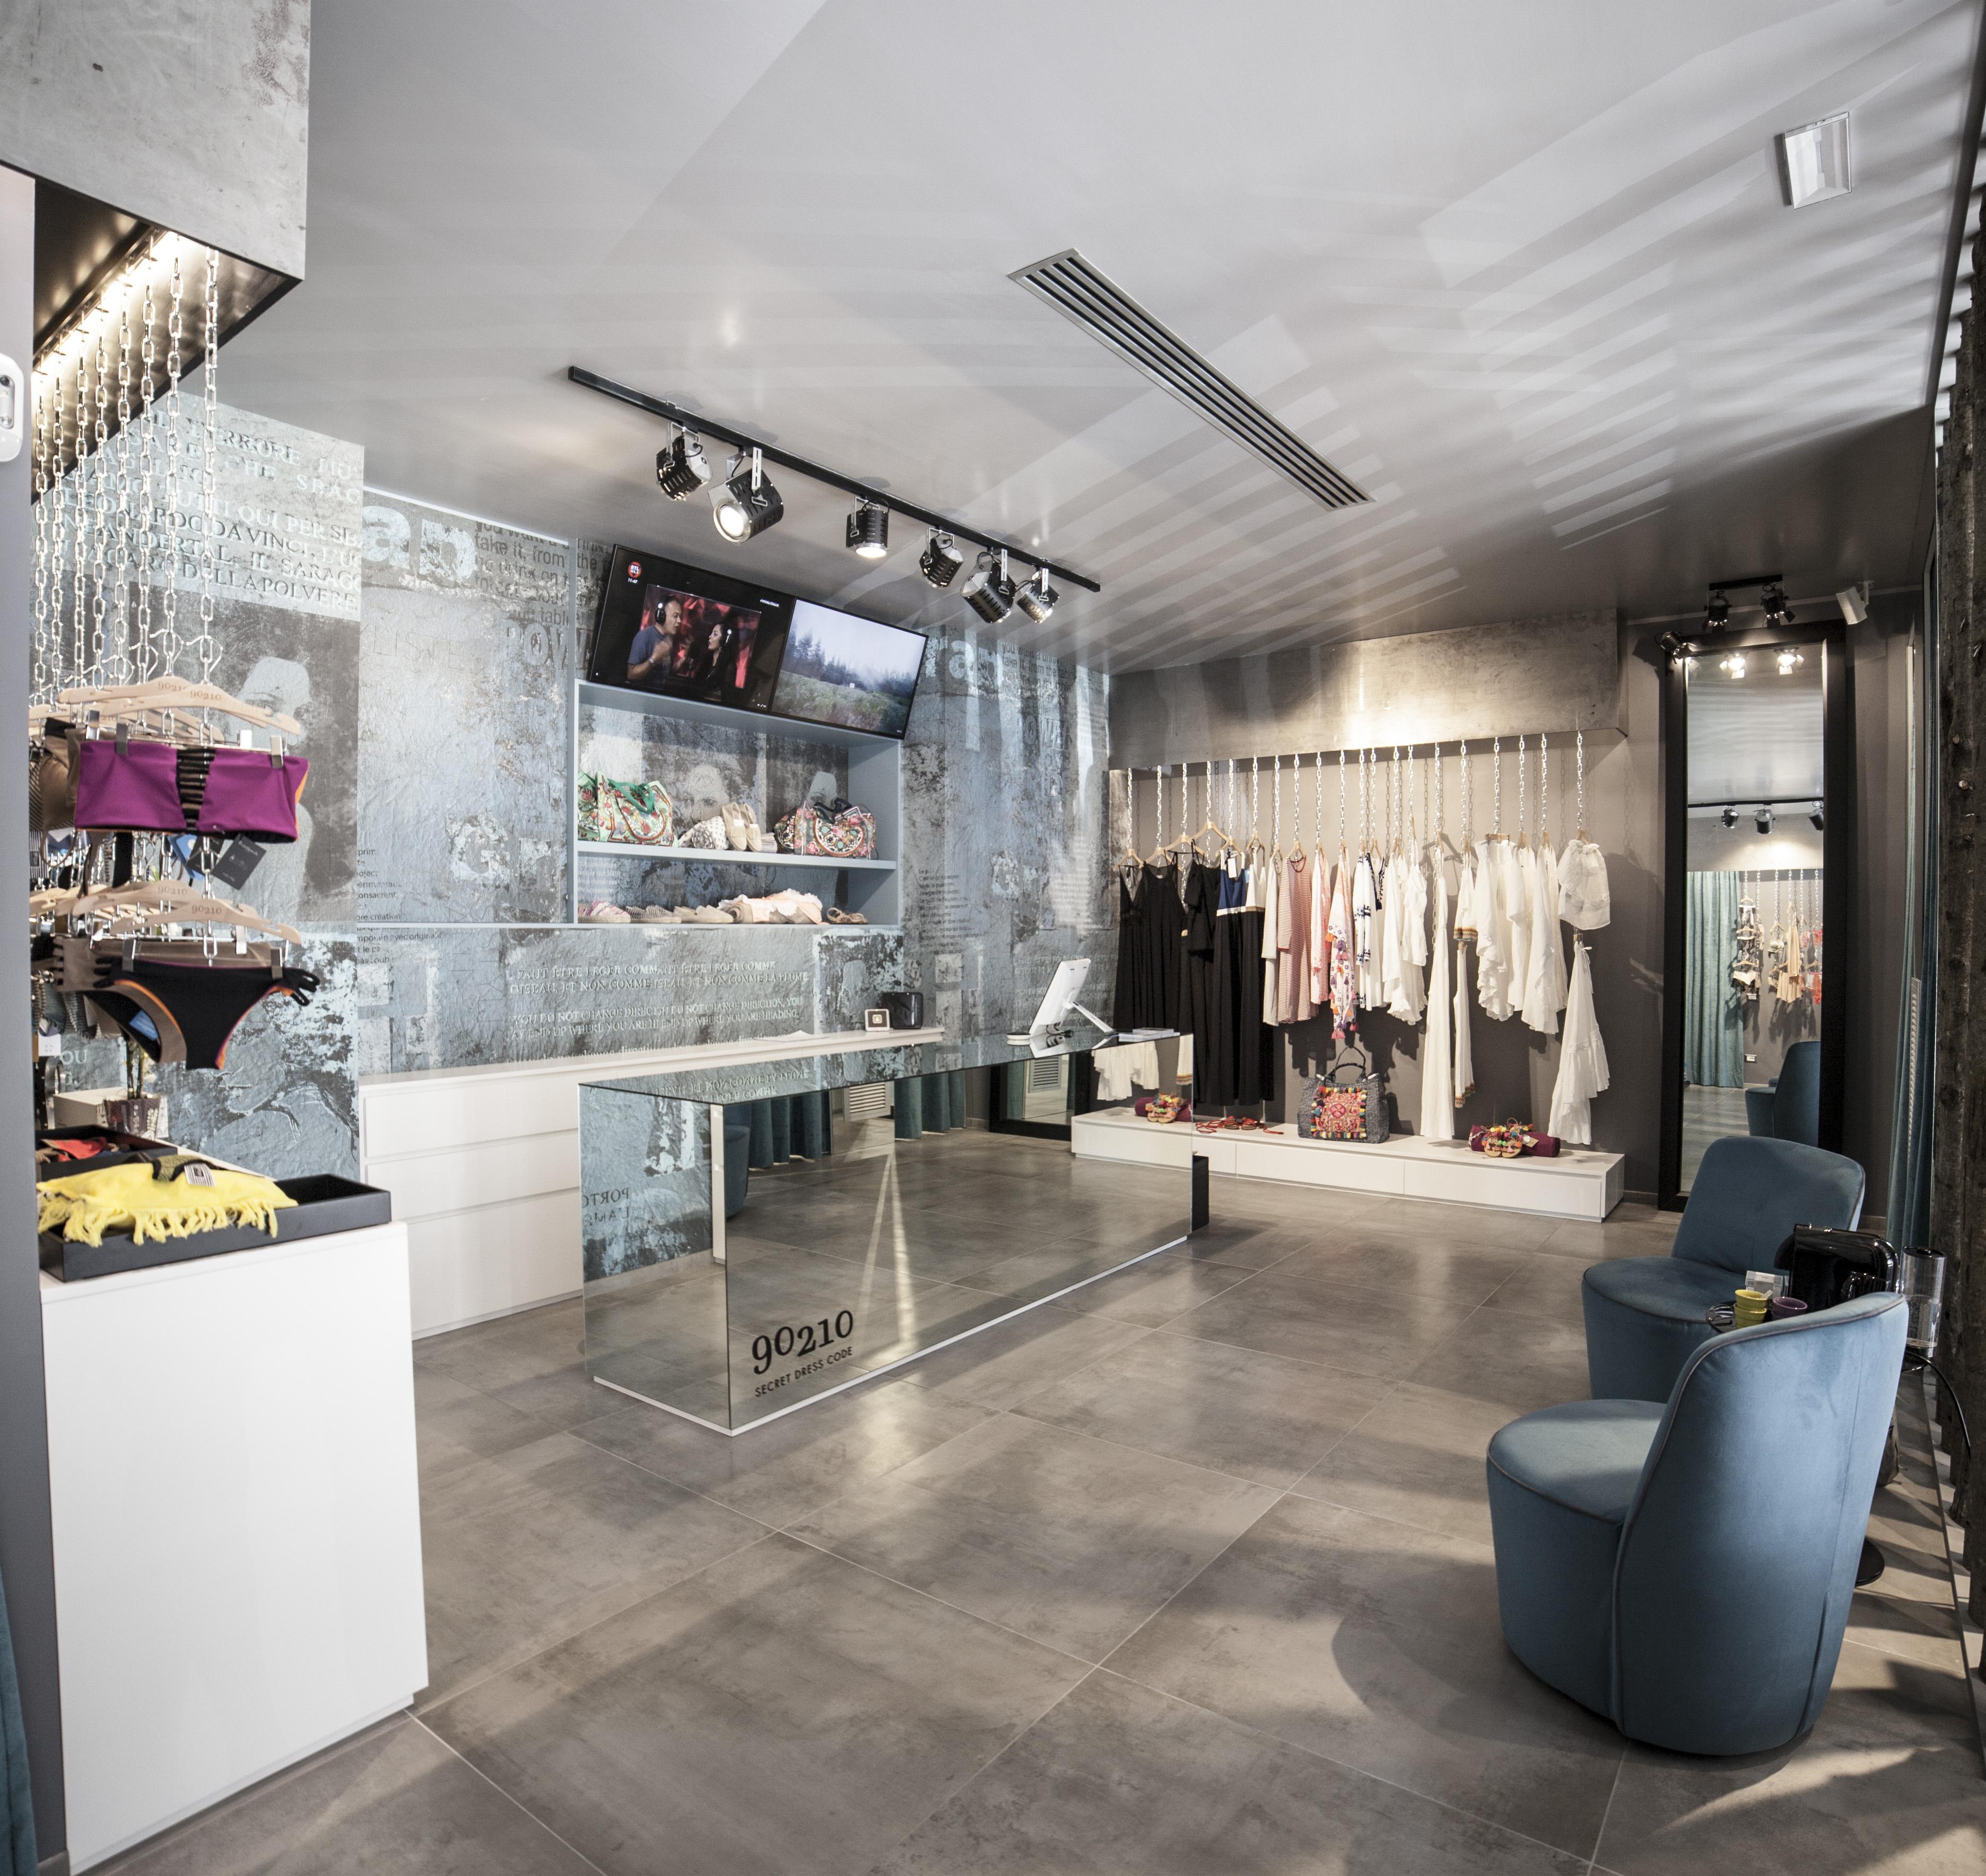 negozio 90210